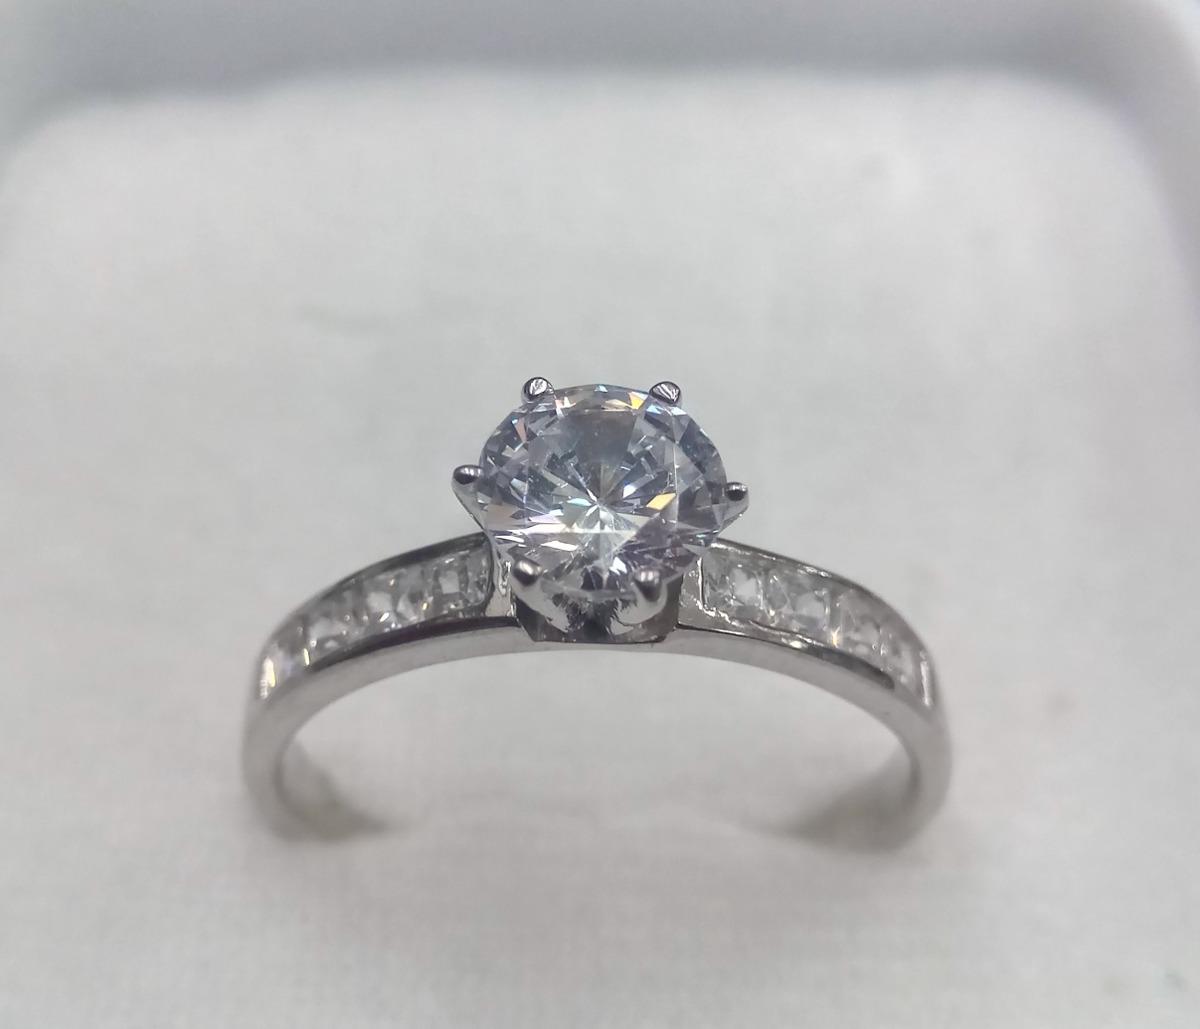 c33a41e6558e anillo de compromiso oro blanco 10 kilates. Cargando zoom.